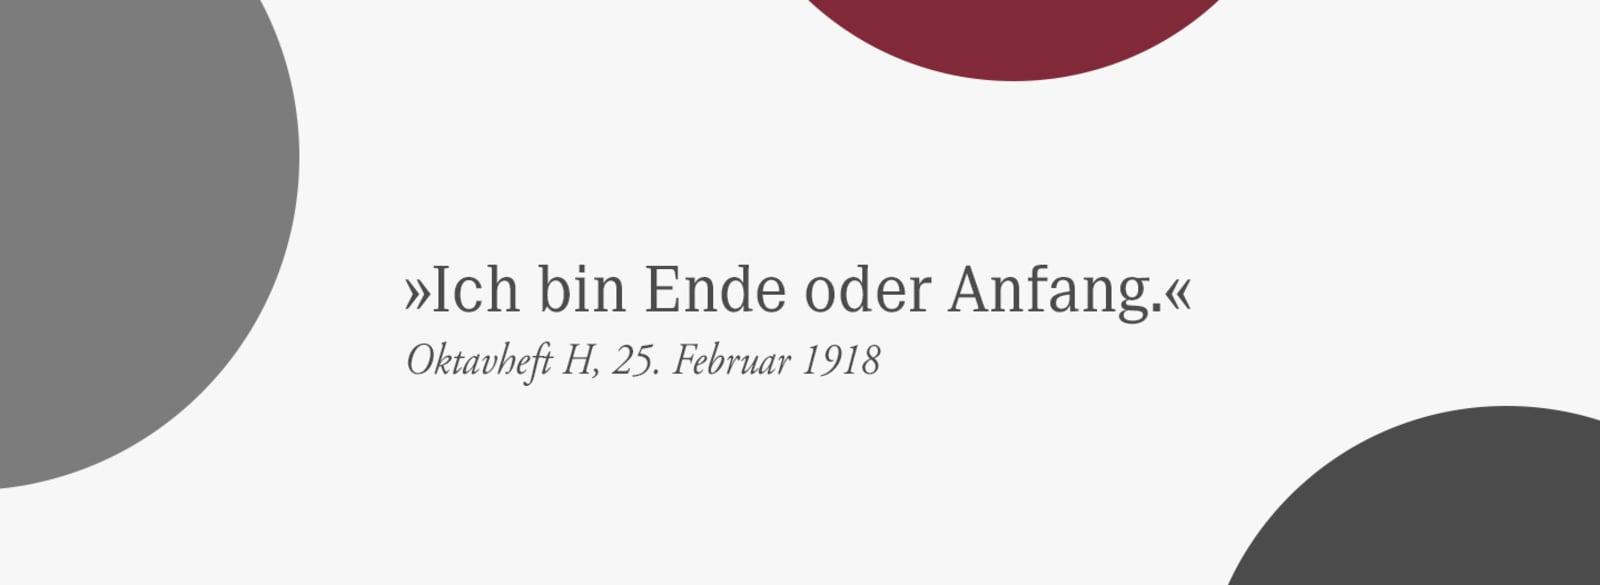 """Zitat von Franz Kafka: """"Ein Käfig ging einen Vogel suchen."""""""